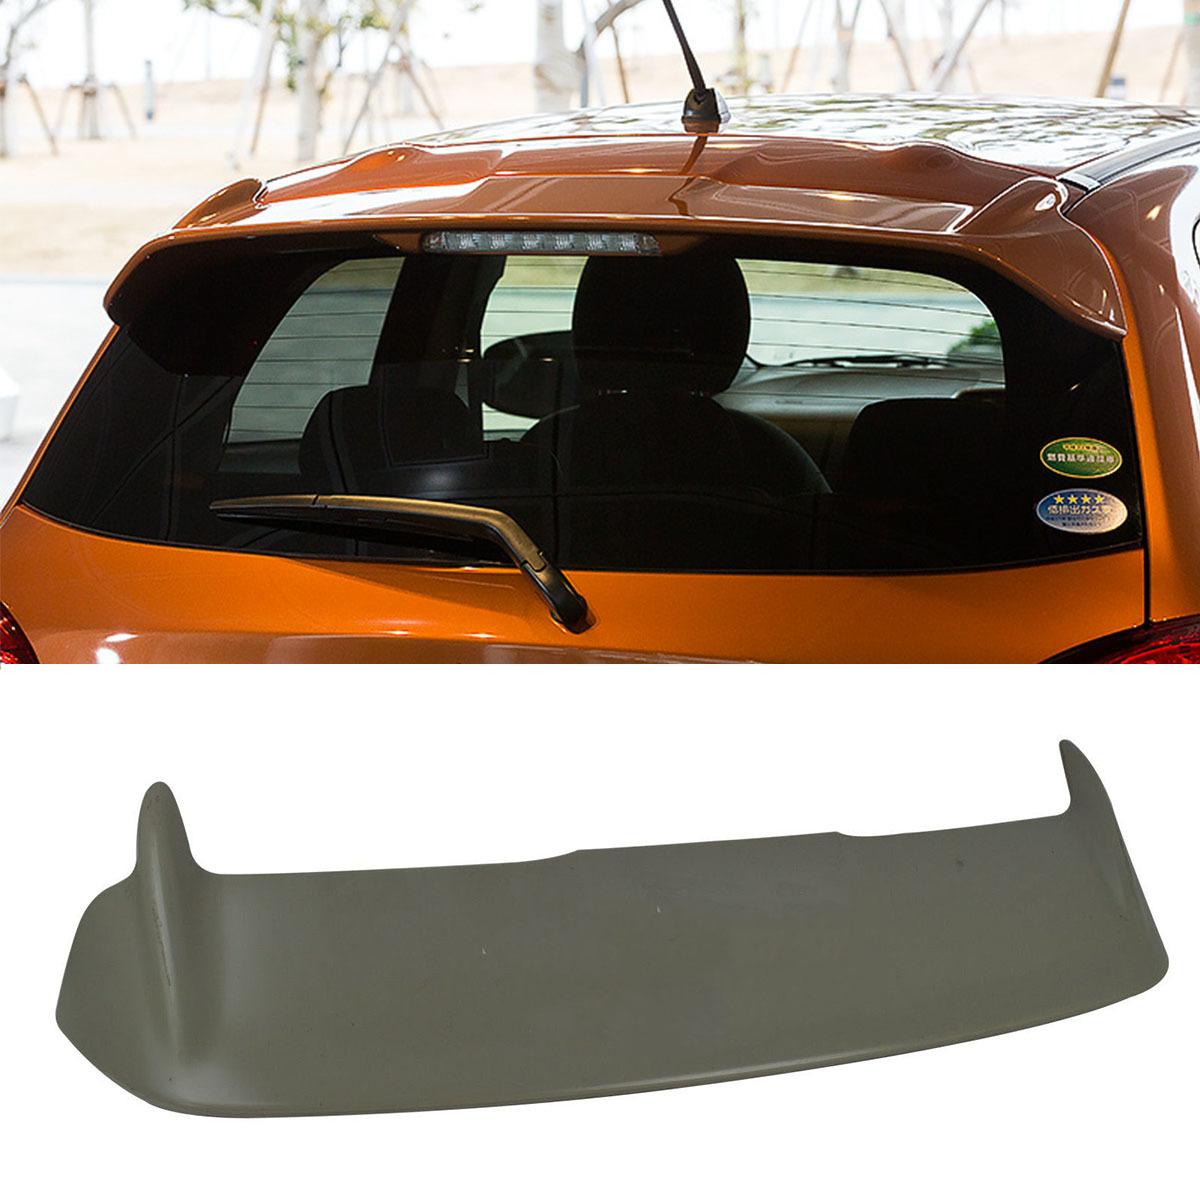 三菱 新型ミラージュ 12-15 純正色塗装 ルーフスポイラー 色付 ルーフエンドスポイラー ウィングスポイラー リアスポイラー エアロ ABS_画像1